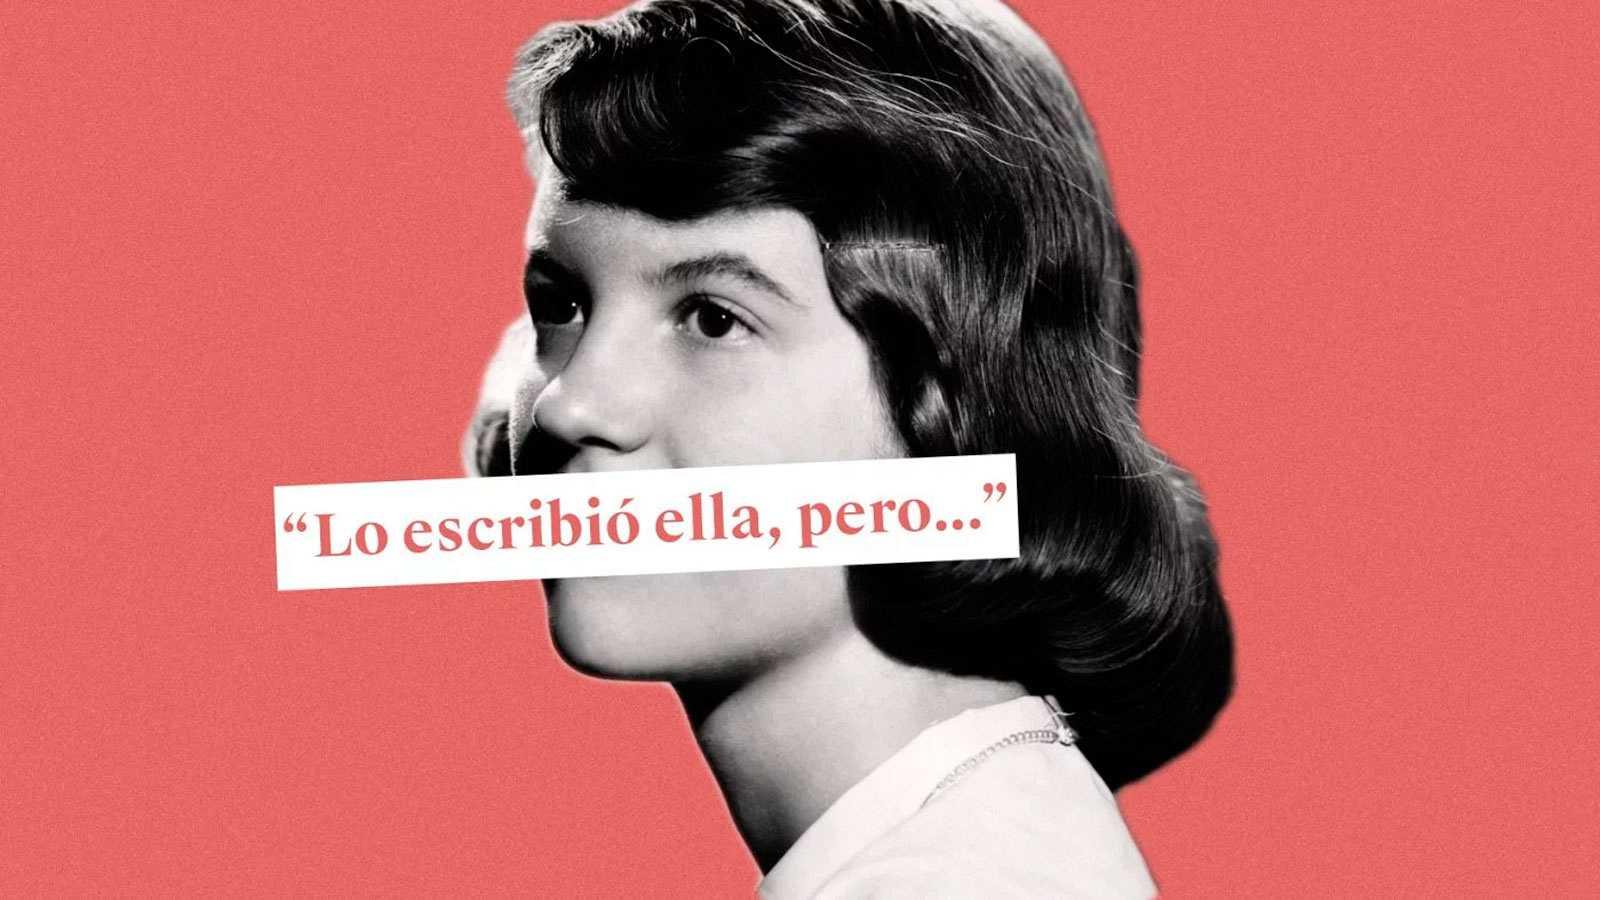 Equilibristas - 'Cómo acabar con la escritura de las mujeres' - 11/11/18 - escuchar ahora